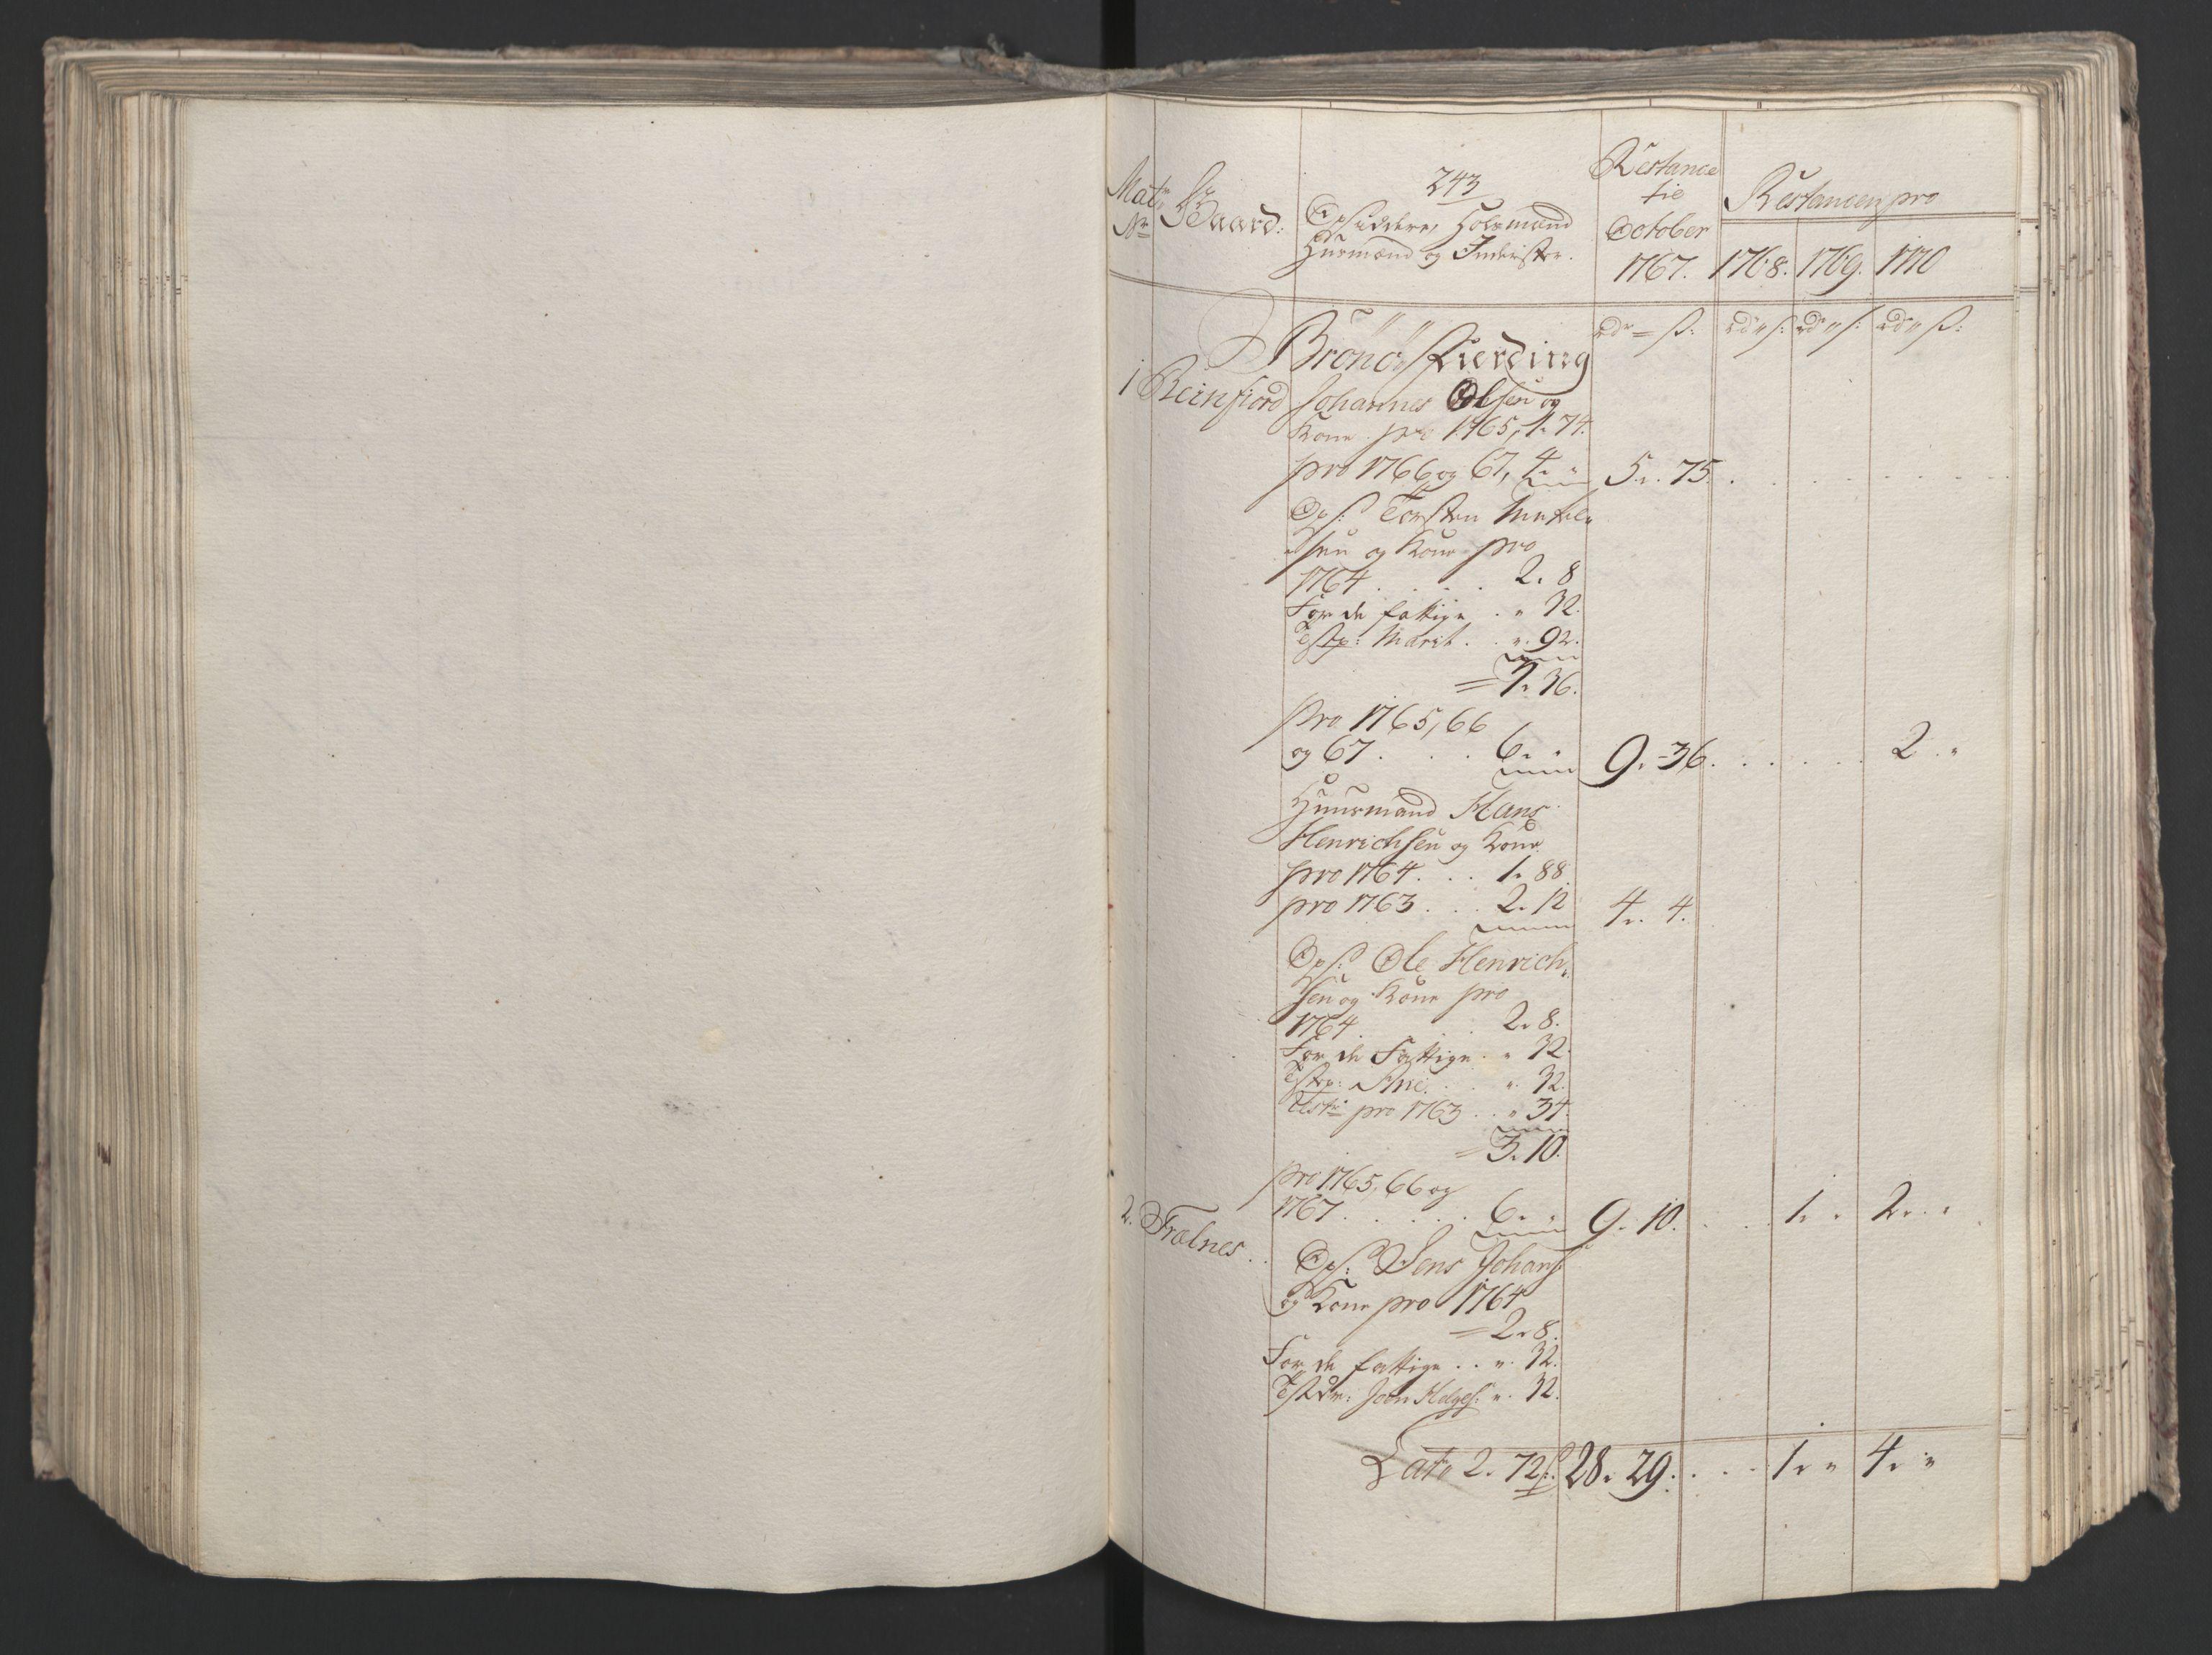 RA, Rentekammeret inntil 1814, Realistisk ordnet avdeling, Ol/L0023: [Gg 10]: Ekstraskatten, 23.09.1762. Helgeland (restanseregister), 1767-1772, s. 502